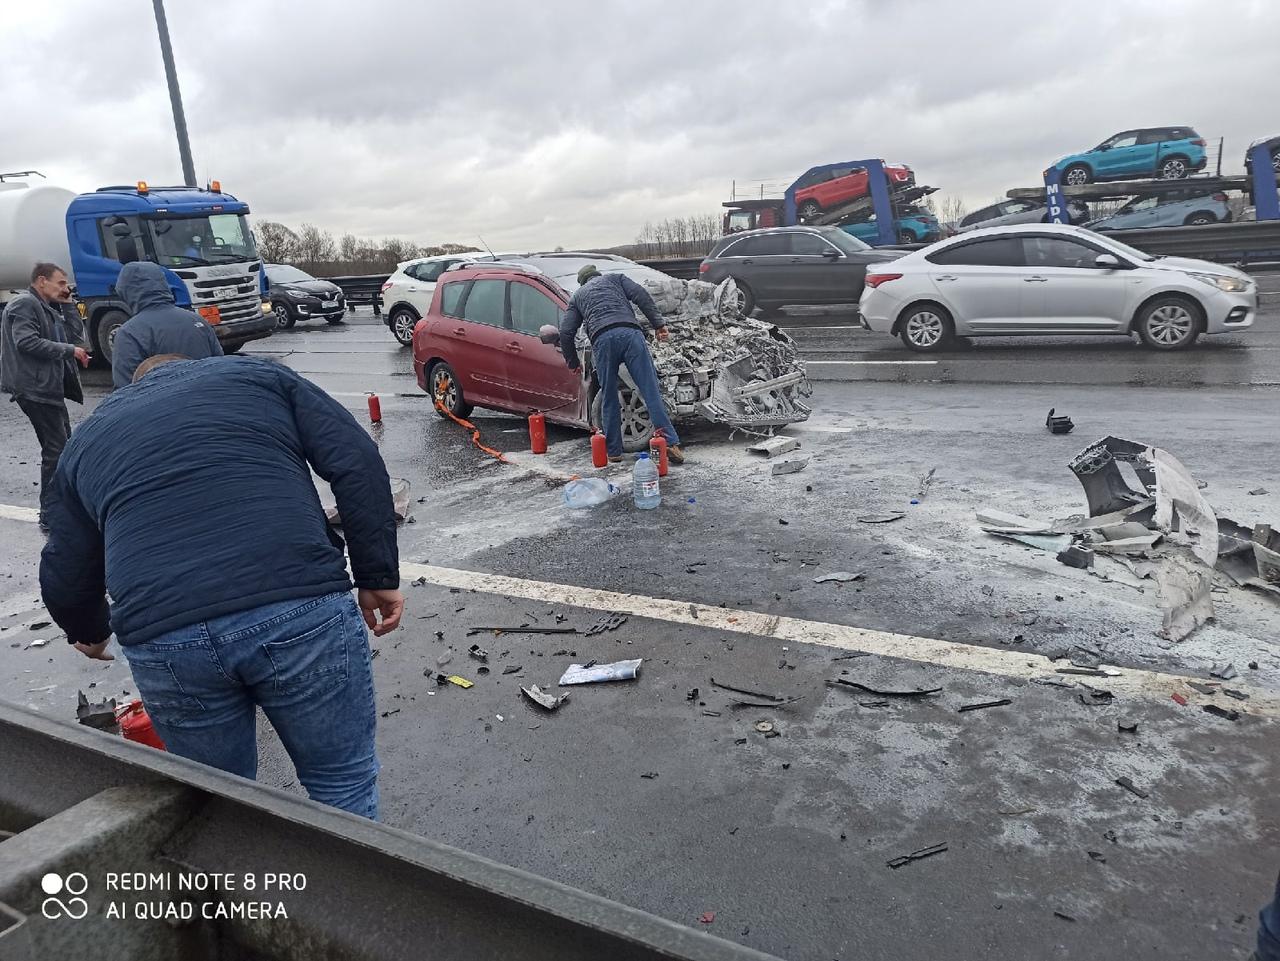 Массовое ДТП на кольцевой, перед сьездом на Таллинское шоссе с внутренней стороны